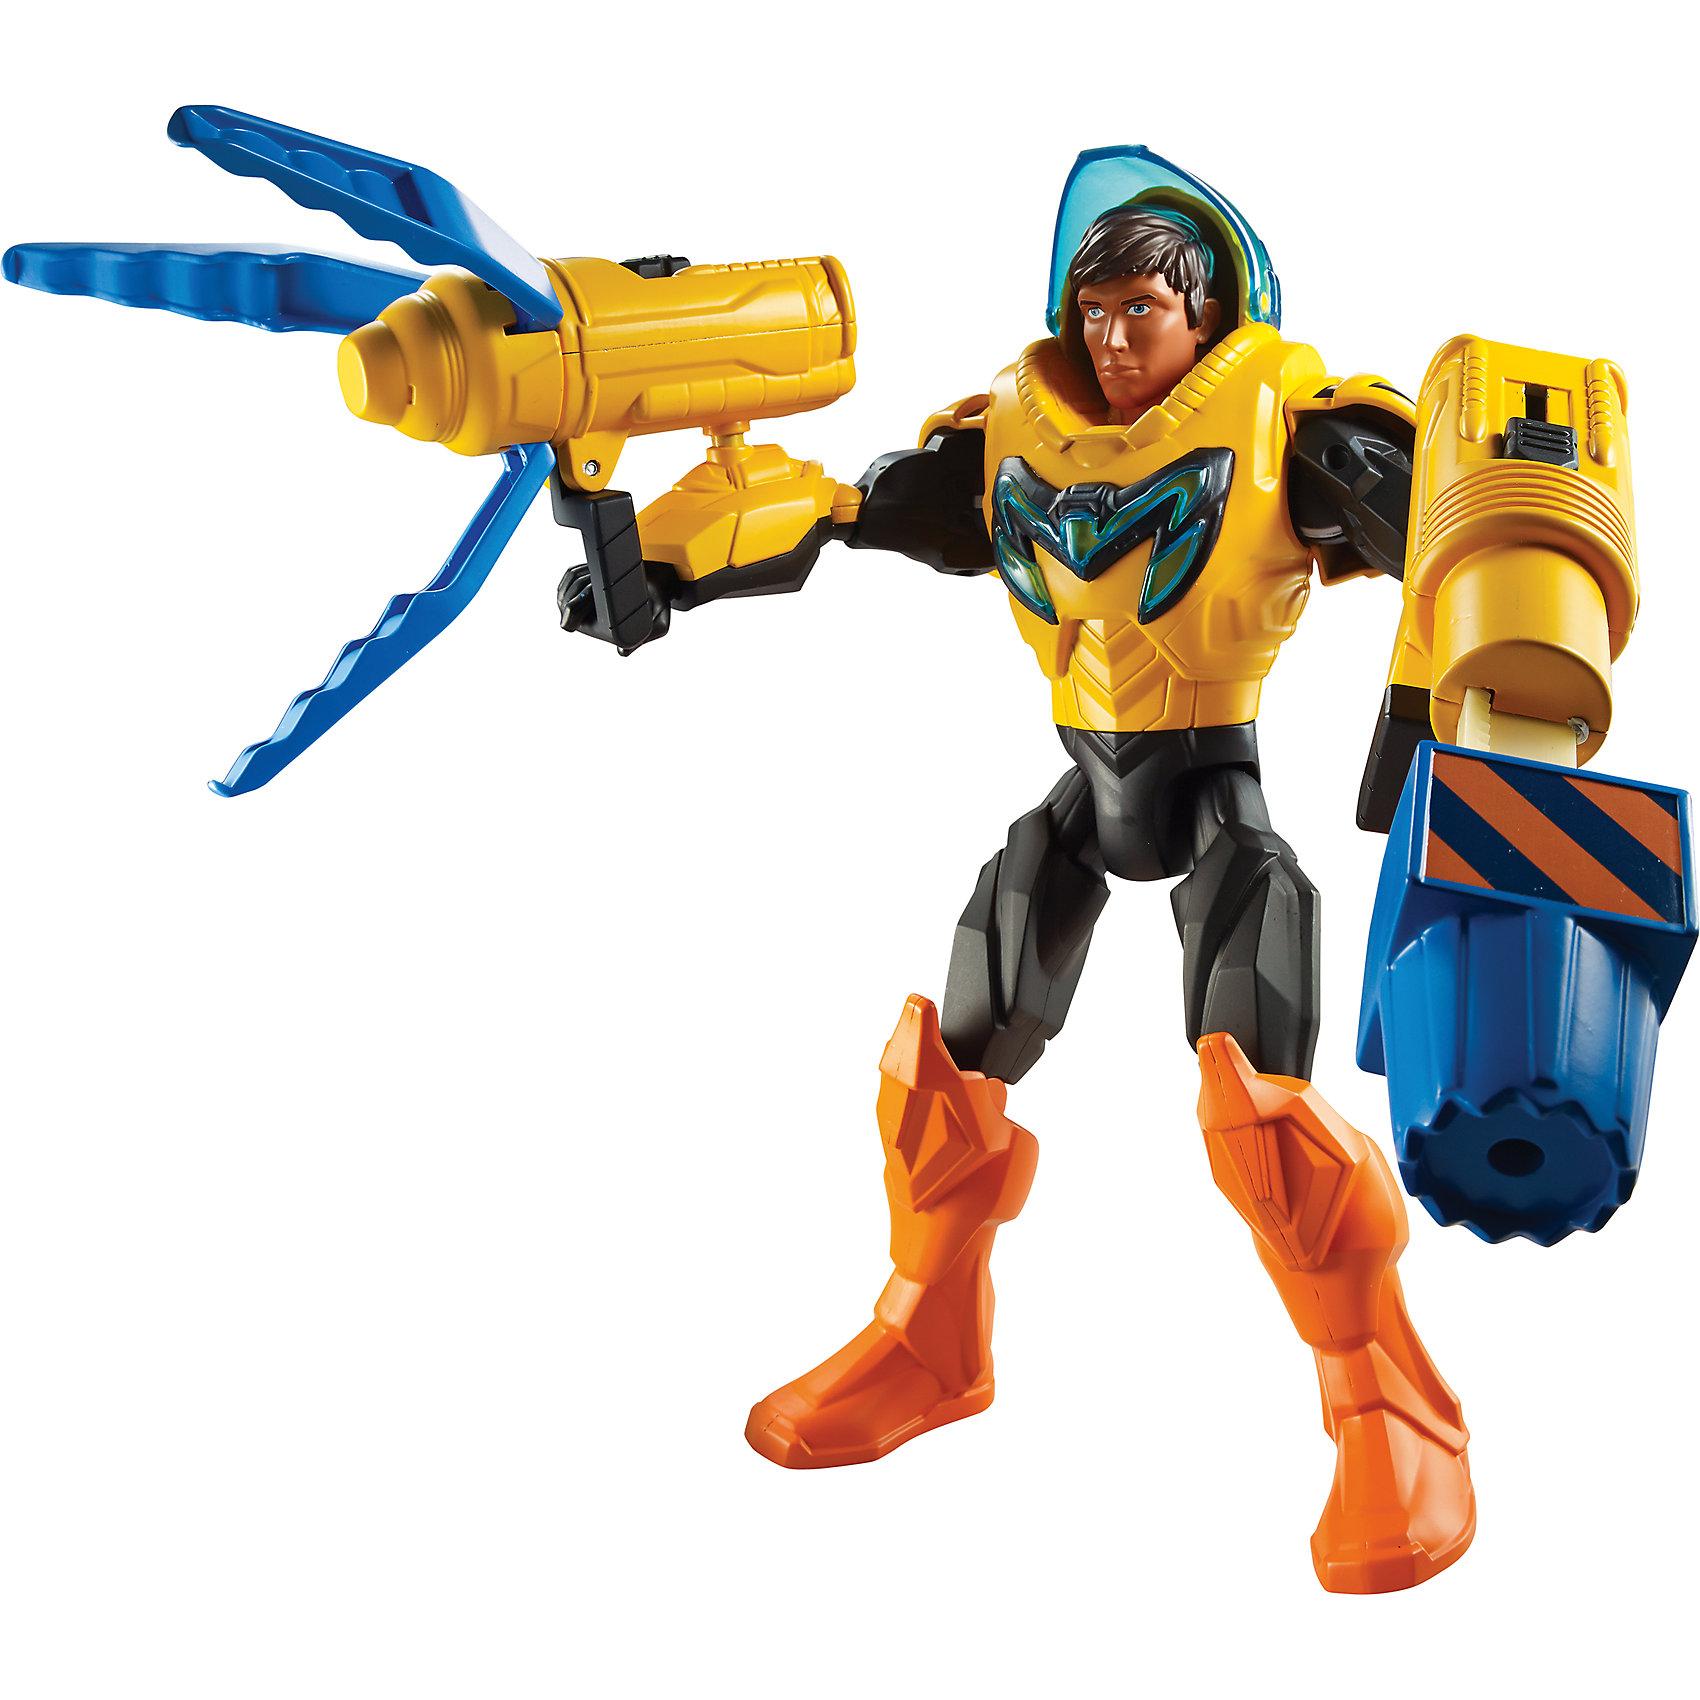 Макс Стил: кувалдаКоллекционные и игровые фигурки<br>Макс Стил: кувалда <br><br>Фигурка из серии Max Steel сделана по образу героя одноименного мультсериала, имеет высокую степень детализации. Герой - в оранжево-черных доспехах, а на его голове надет защитный синий шлем.<br>В комплекте идут 2 вида оружия: кувалда и бластер, они присоединяются к рукам фигурки. С помощью рычагов можно выдвигать кувалду или управлять бластером. Фигурка изготовлена из высококачественных, легких и безопасных для детей материалов, ноги и руки сгибаются в суставах. Станет отличным подарком! <br><br>Дополнительная информация:<br><br>цвет: разноцветный;<br>комплект: фигурка, шлем, оружие;<br>материал: пластик.<br><br>Макс Стил: кувалда можно купить в нашем магазине.<br><br>Ширина мм: 85<br>Глубина мм: 270<br>Высота мм: 305<br>Вес г: 730<br>Возраст от месяцев: 48<br>Возраст до месяцев: 96<br>Пол: Мужской<br>Возраст: Детский<br>SKU: 4697979